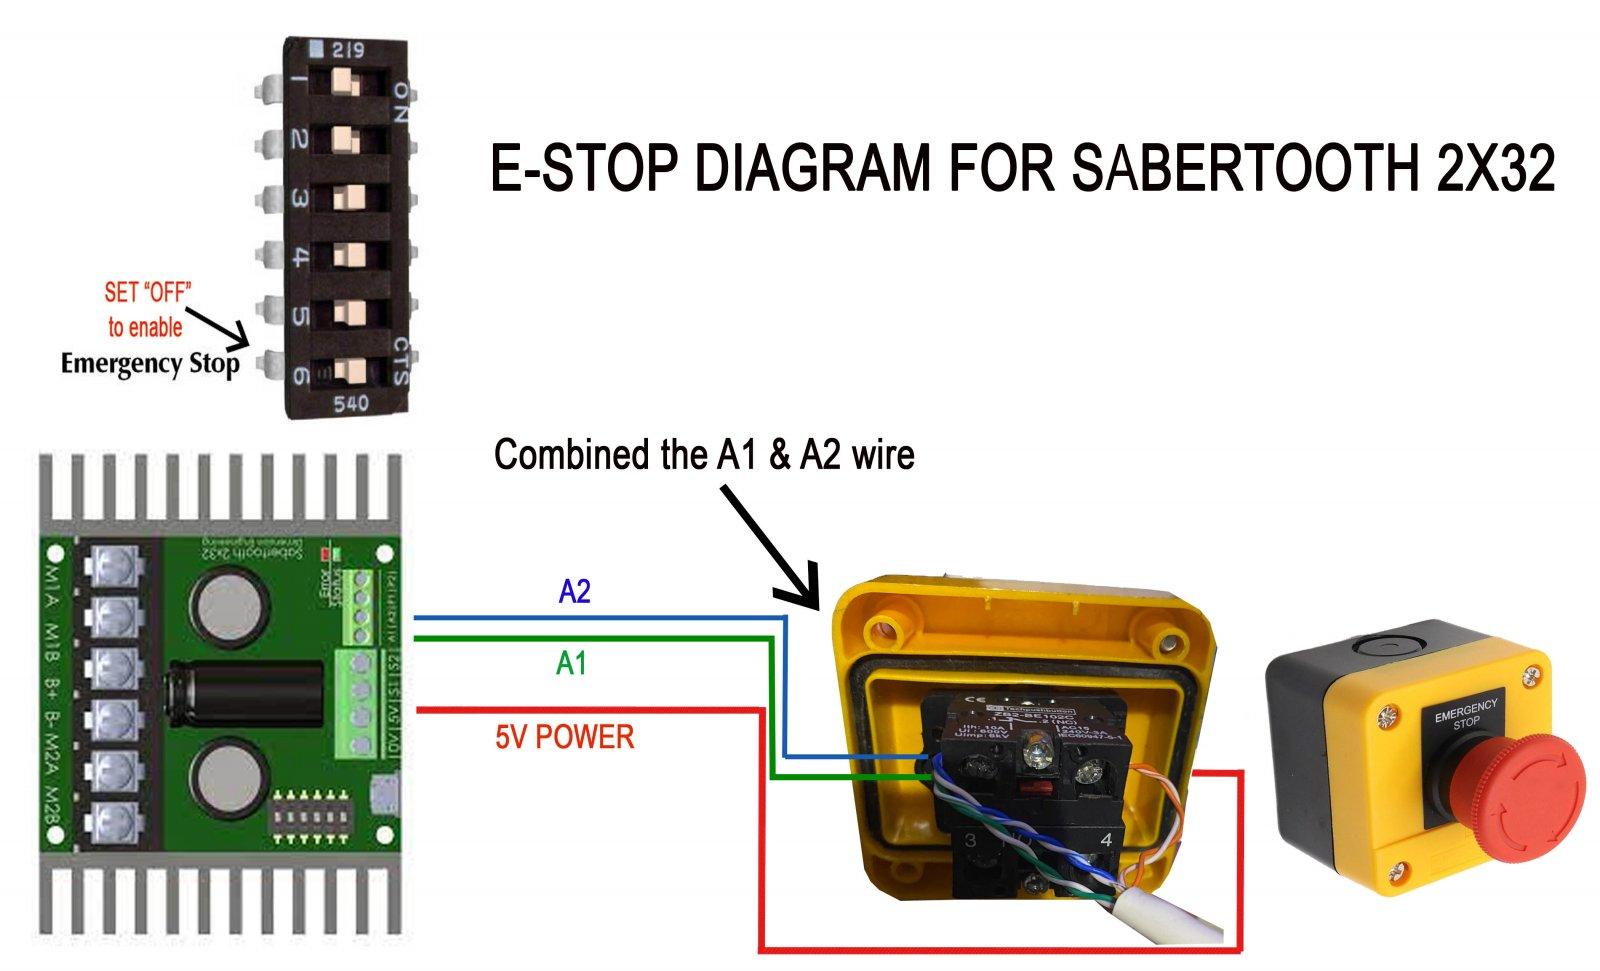 E-STOP DIAGRAM FULL.jpg